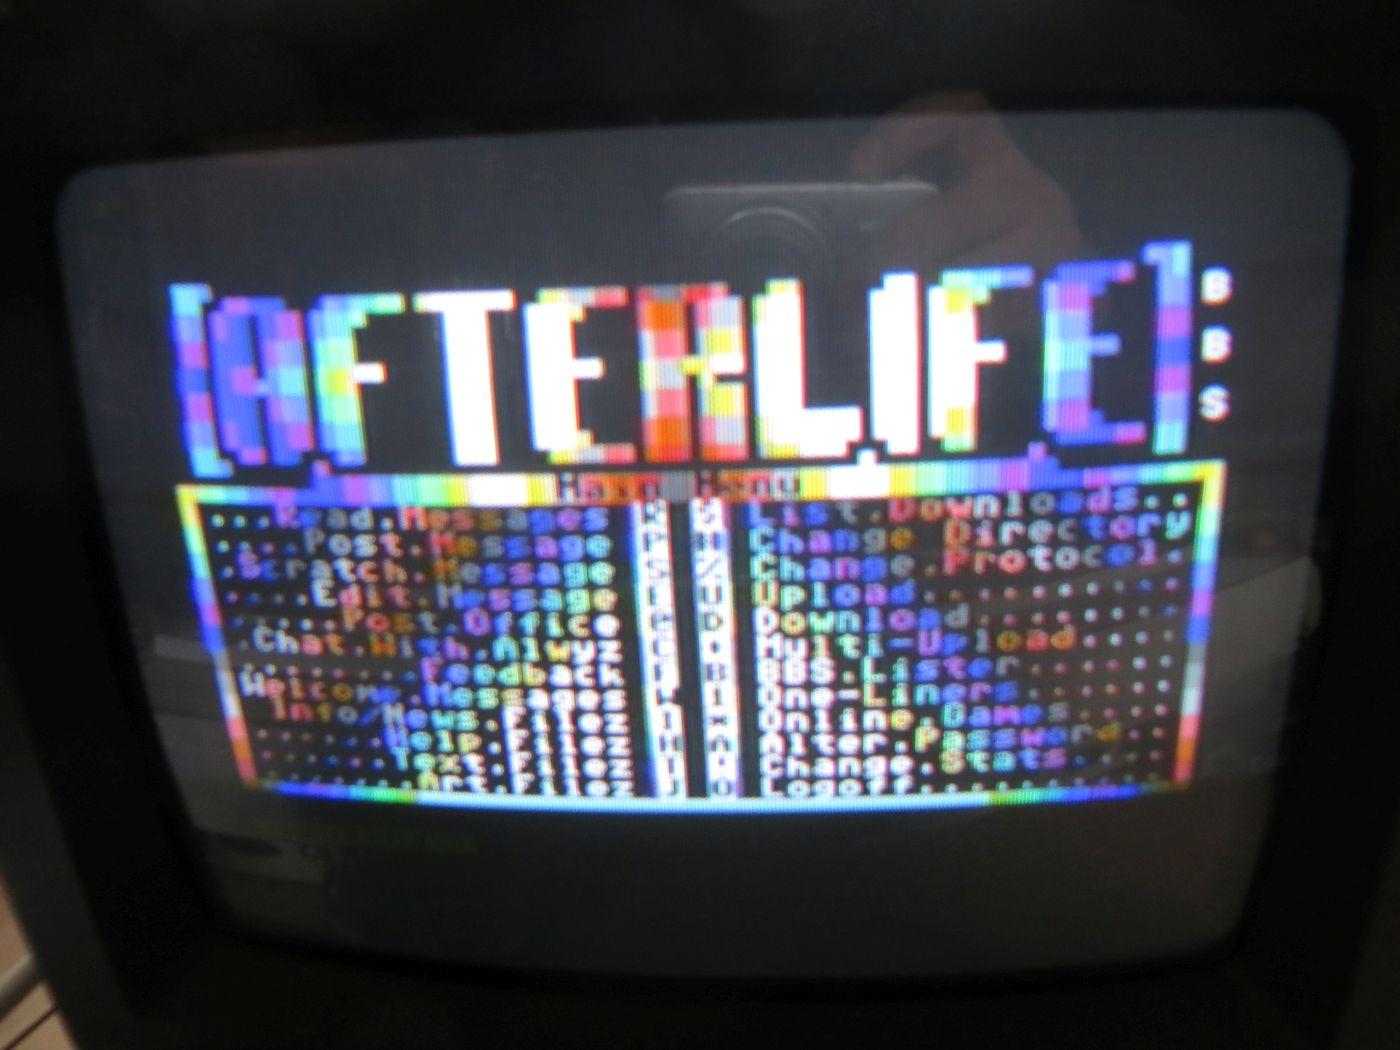 WiModem - BBS System Afterlife verbunden